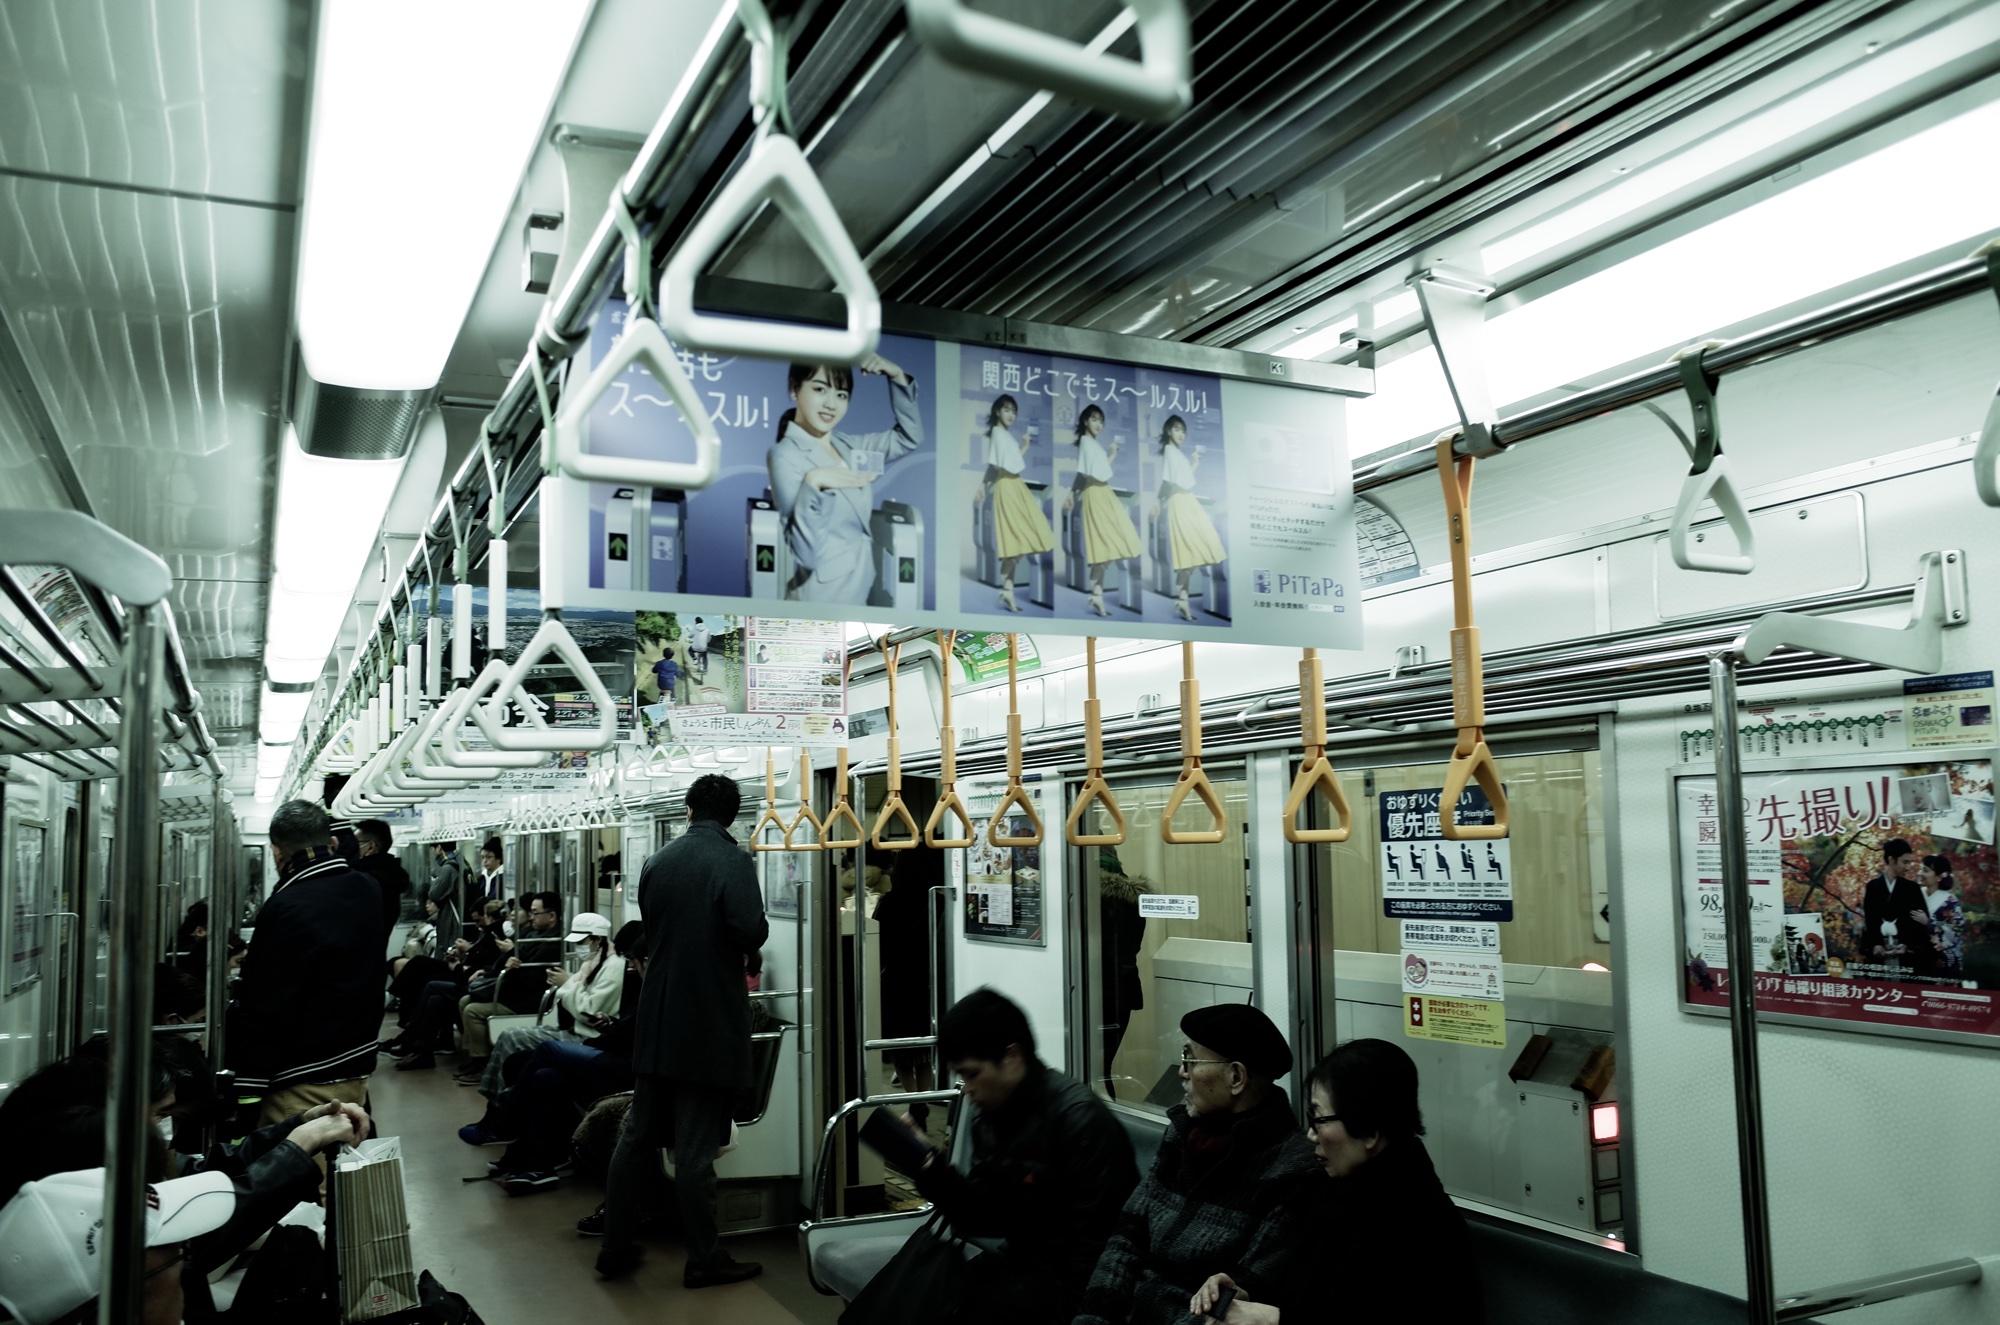 京都地下鉄の車内